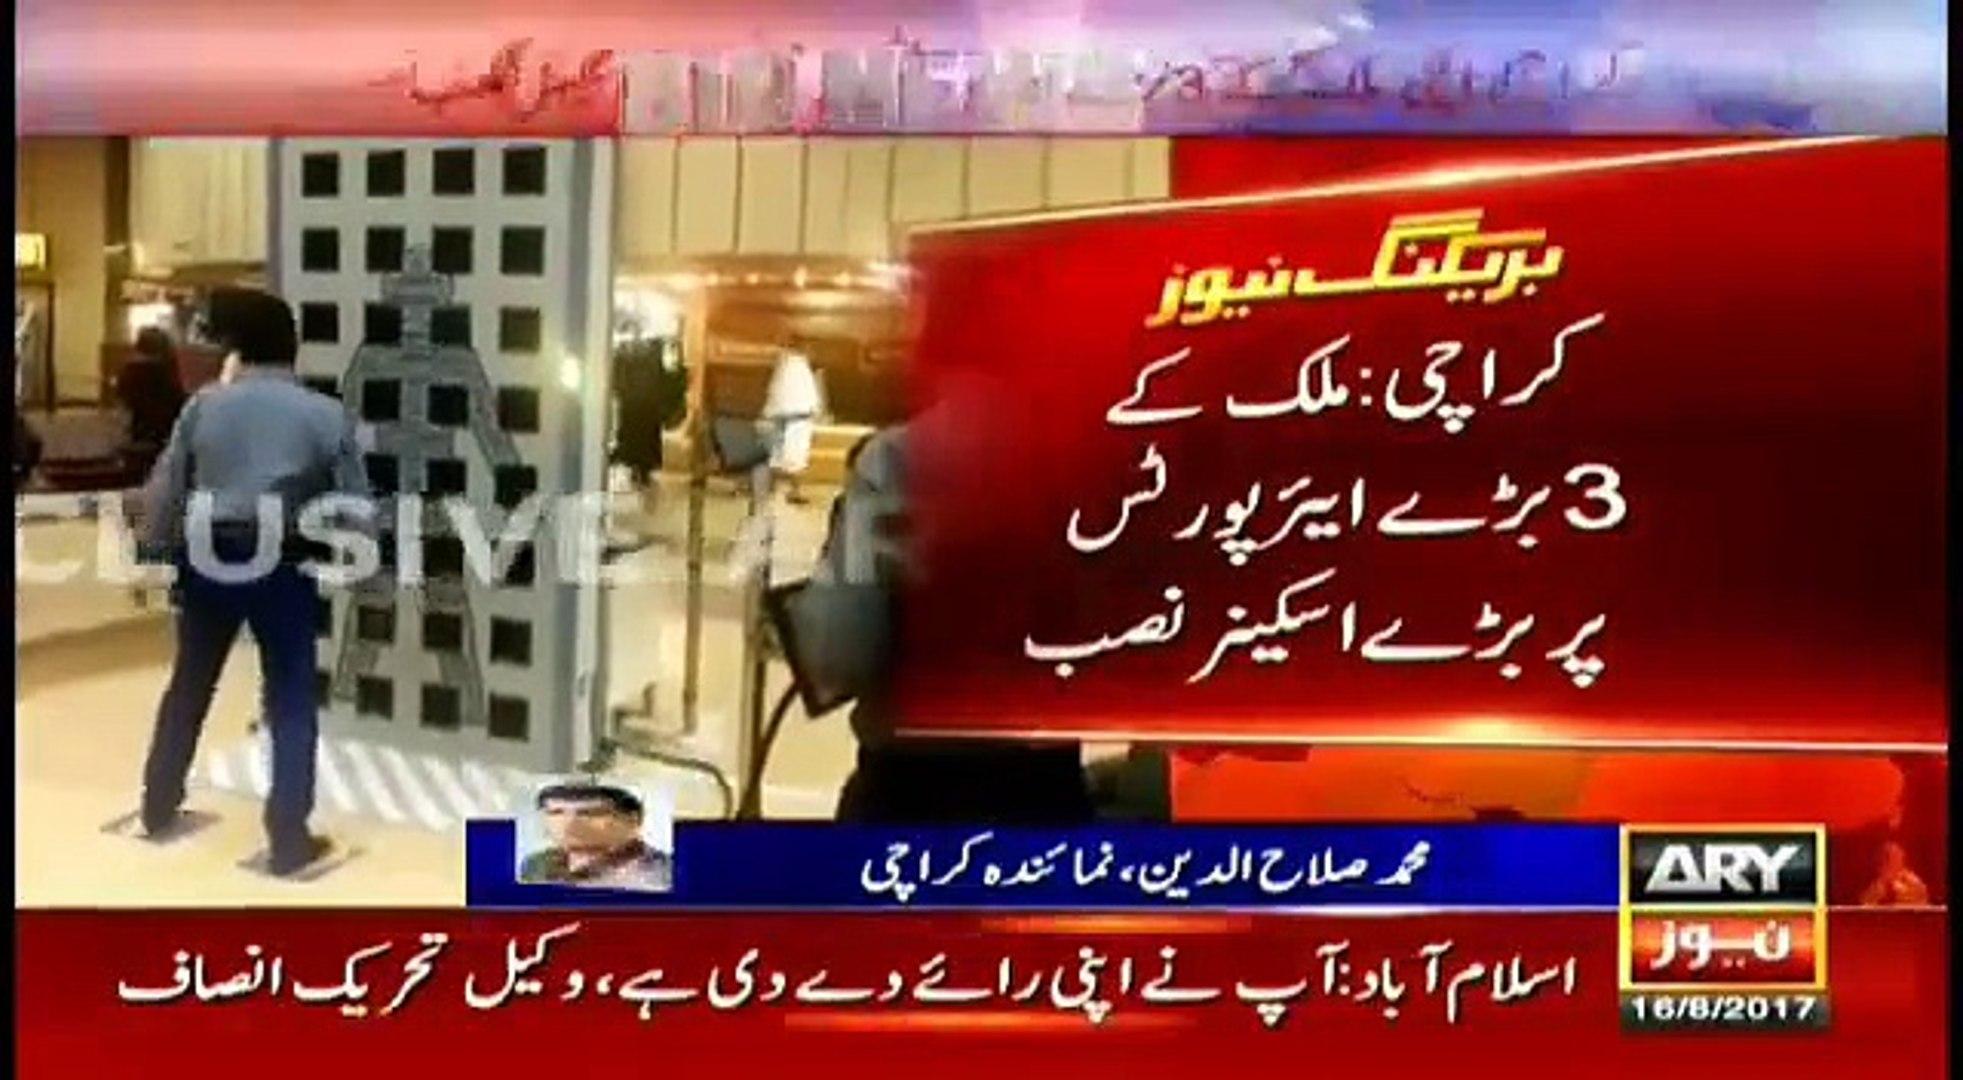 Pakistani airports use latest technology